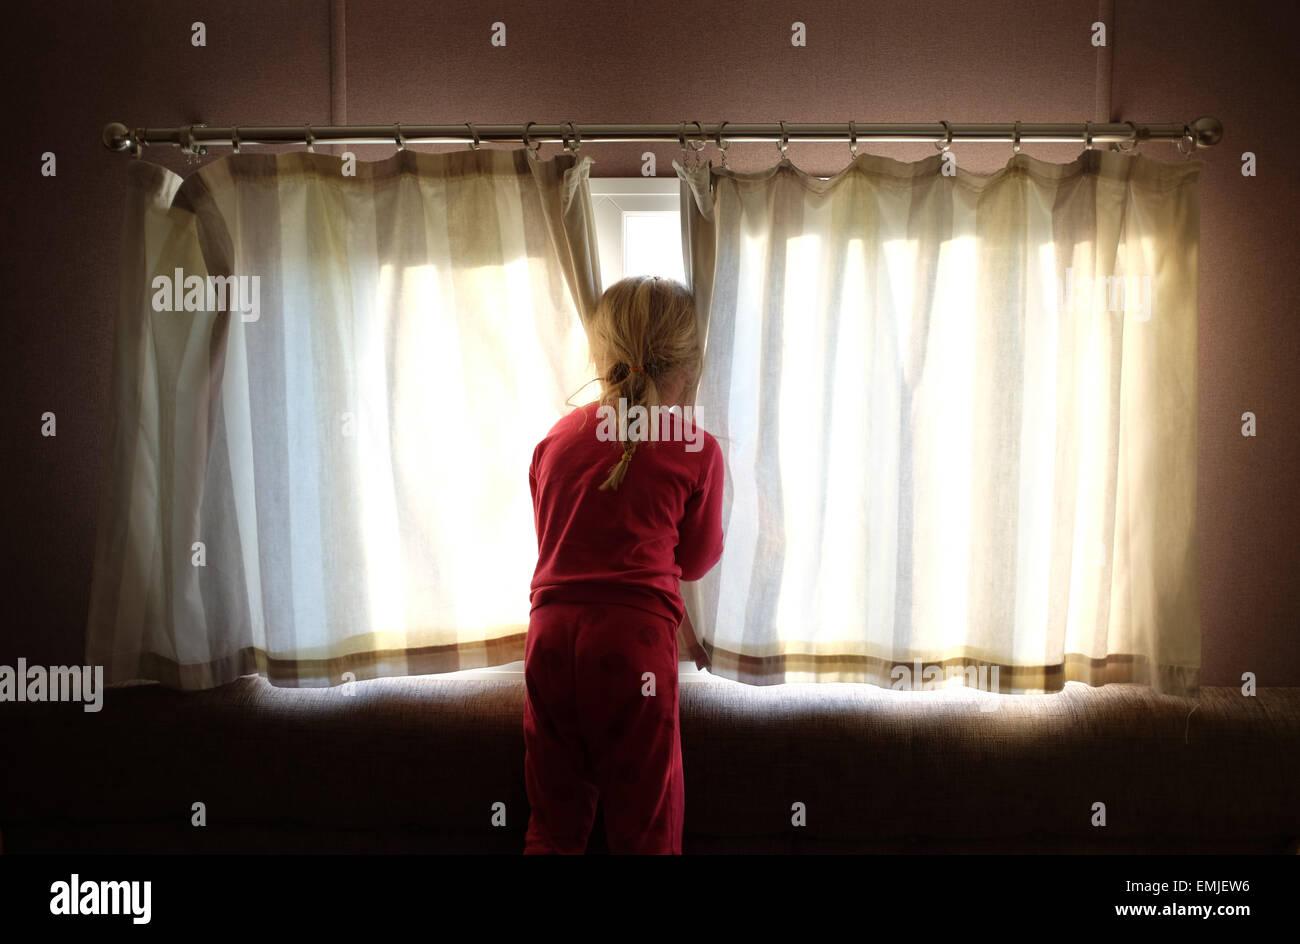 Una sonnolenta giovane ragazza in pigiama apre le tende a guardare fuori dalla finestra all'inizio di un nuovo Immagini Stock